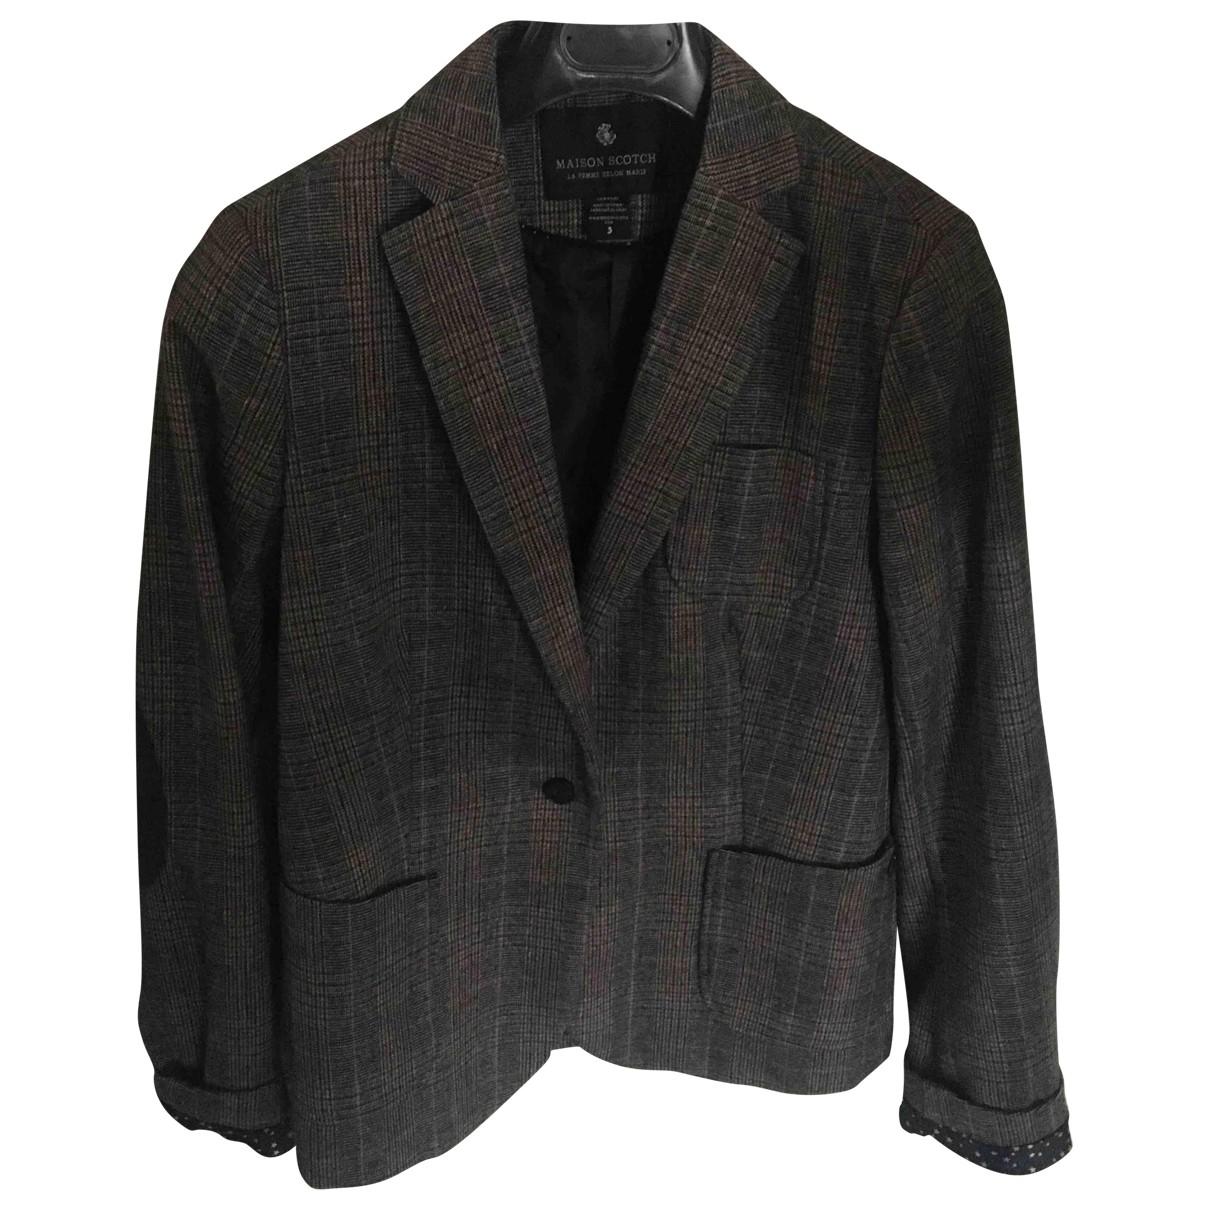 Maison Scotch \N Wool jacket for Women 42 IT